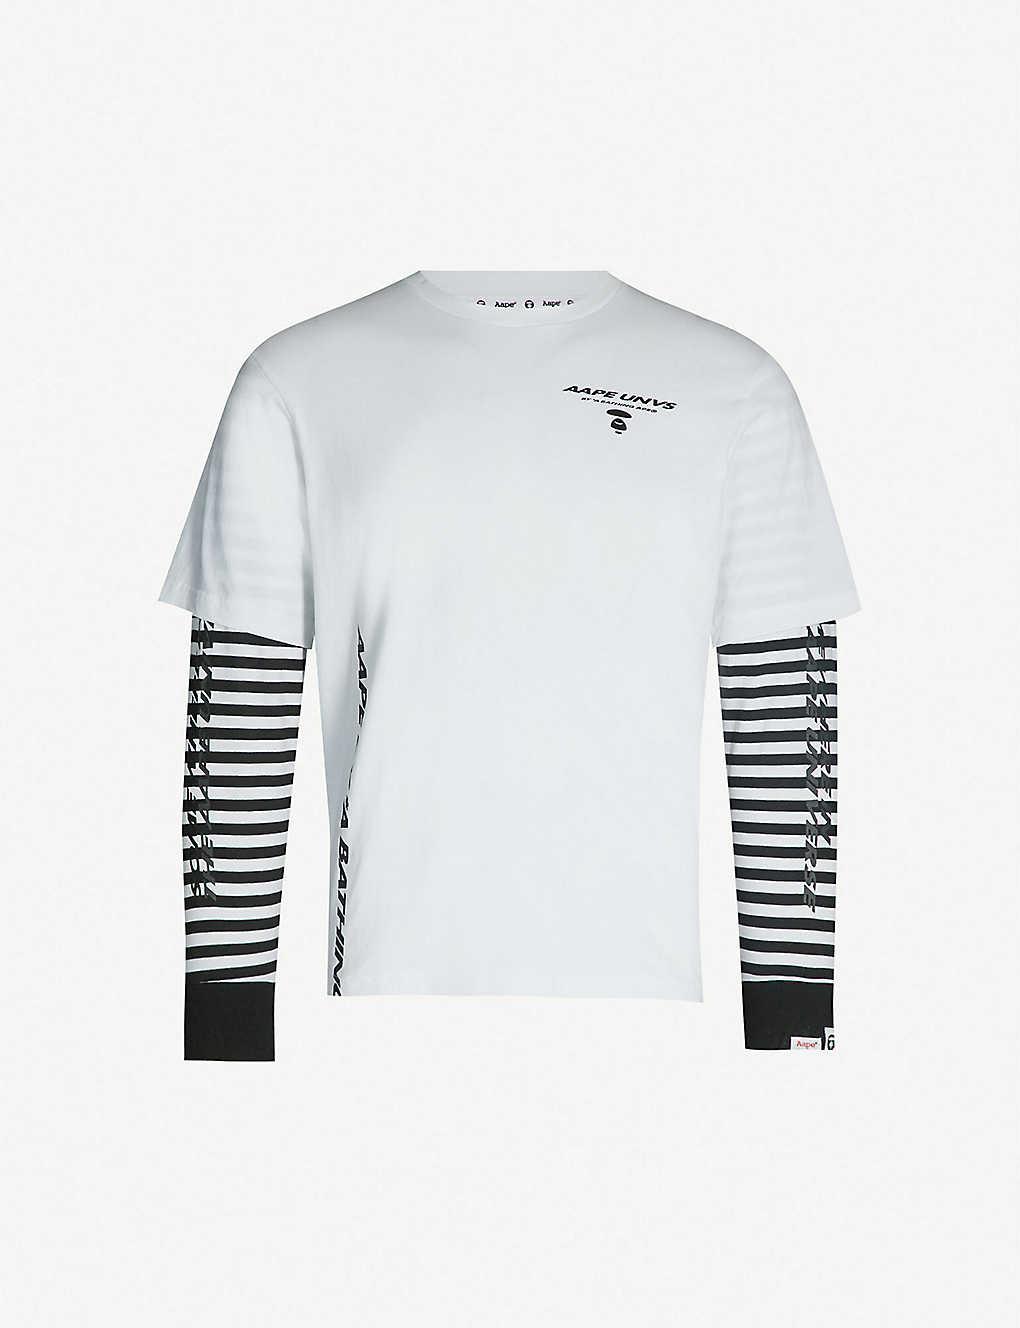 AAPE - Logo-print cotton-jersey T-shirt  f697ca7744a7